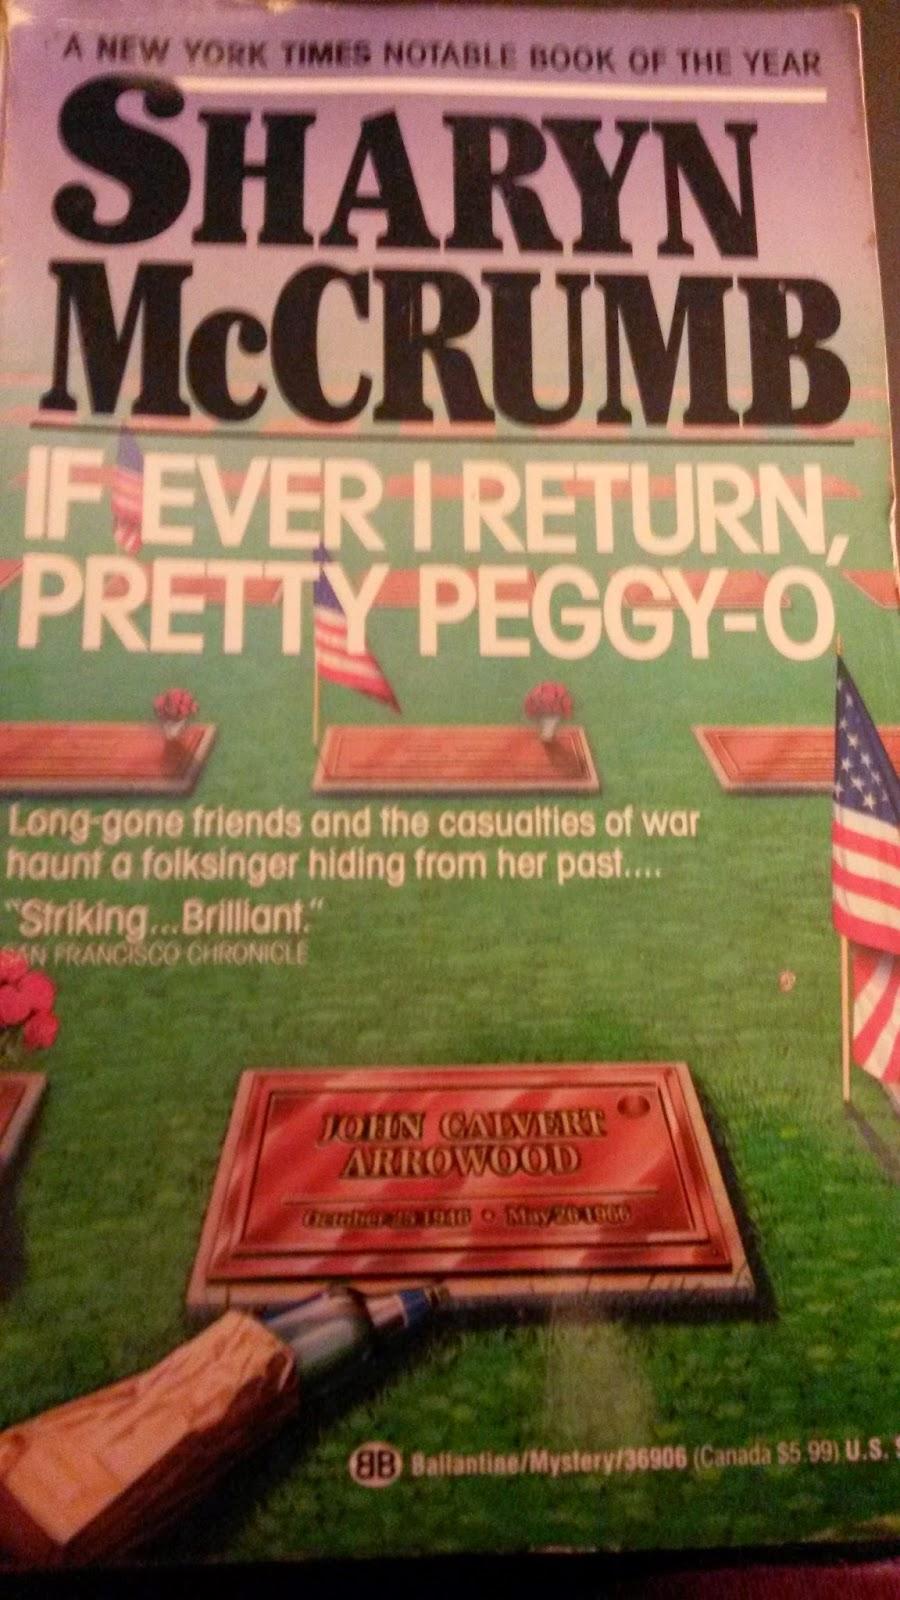 https://www.goodreads.com/book/show/905565.If_Ever_I_Return_Pretty_Peggy_O